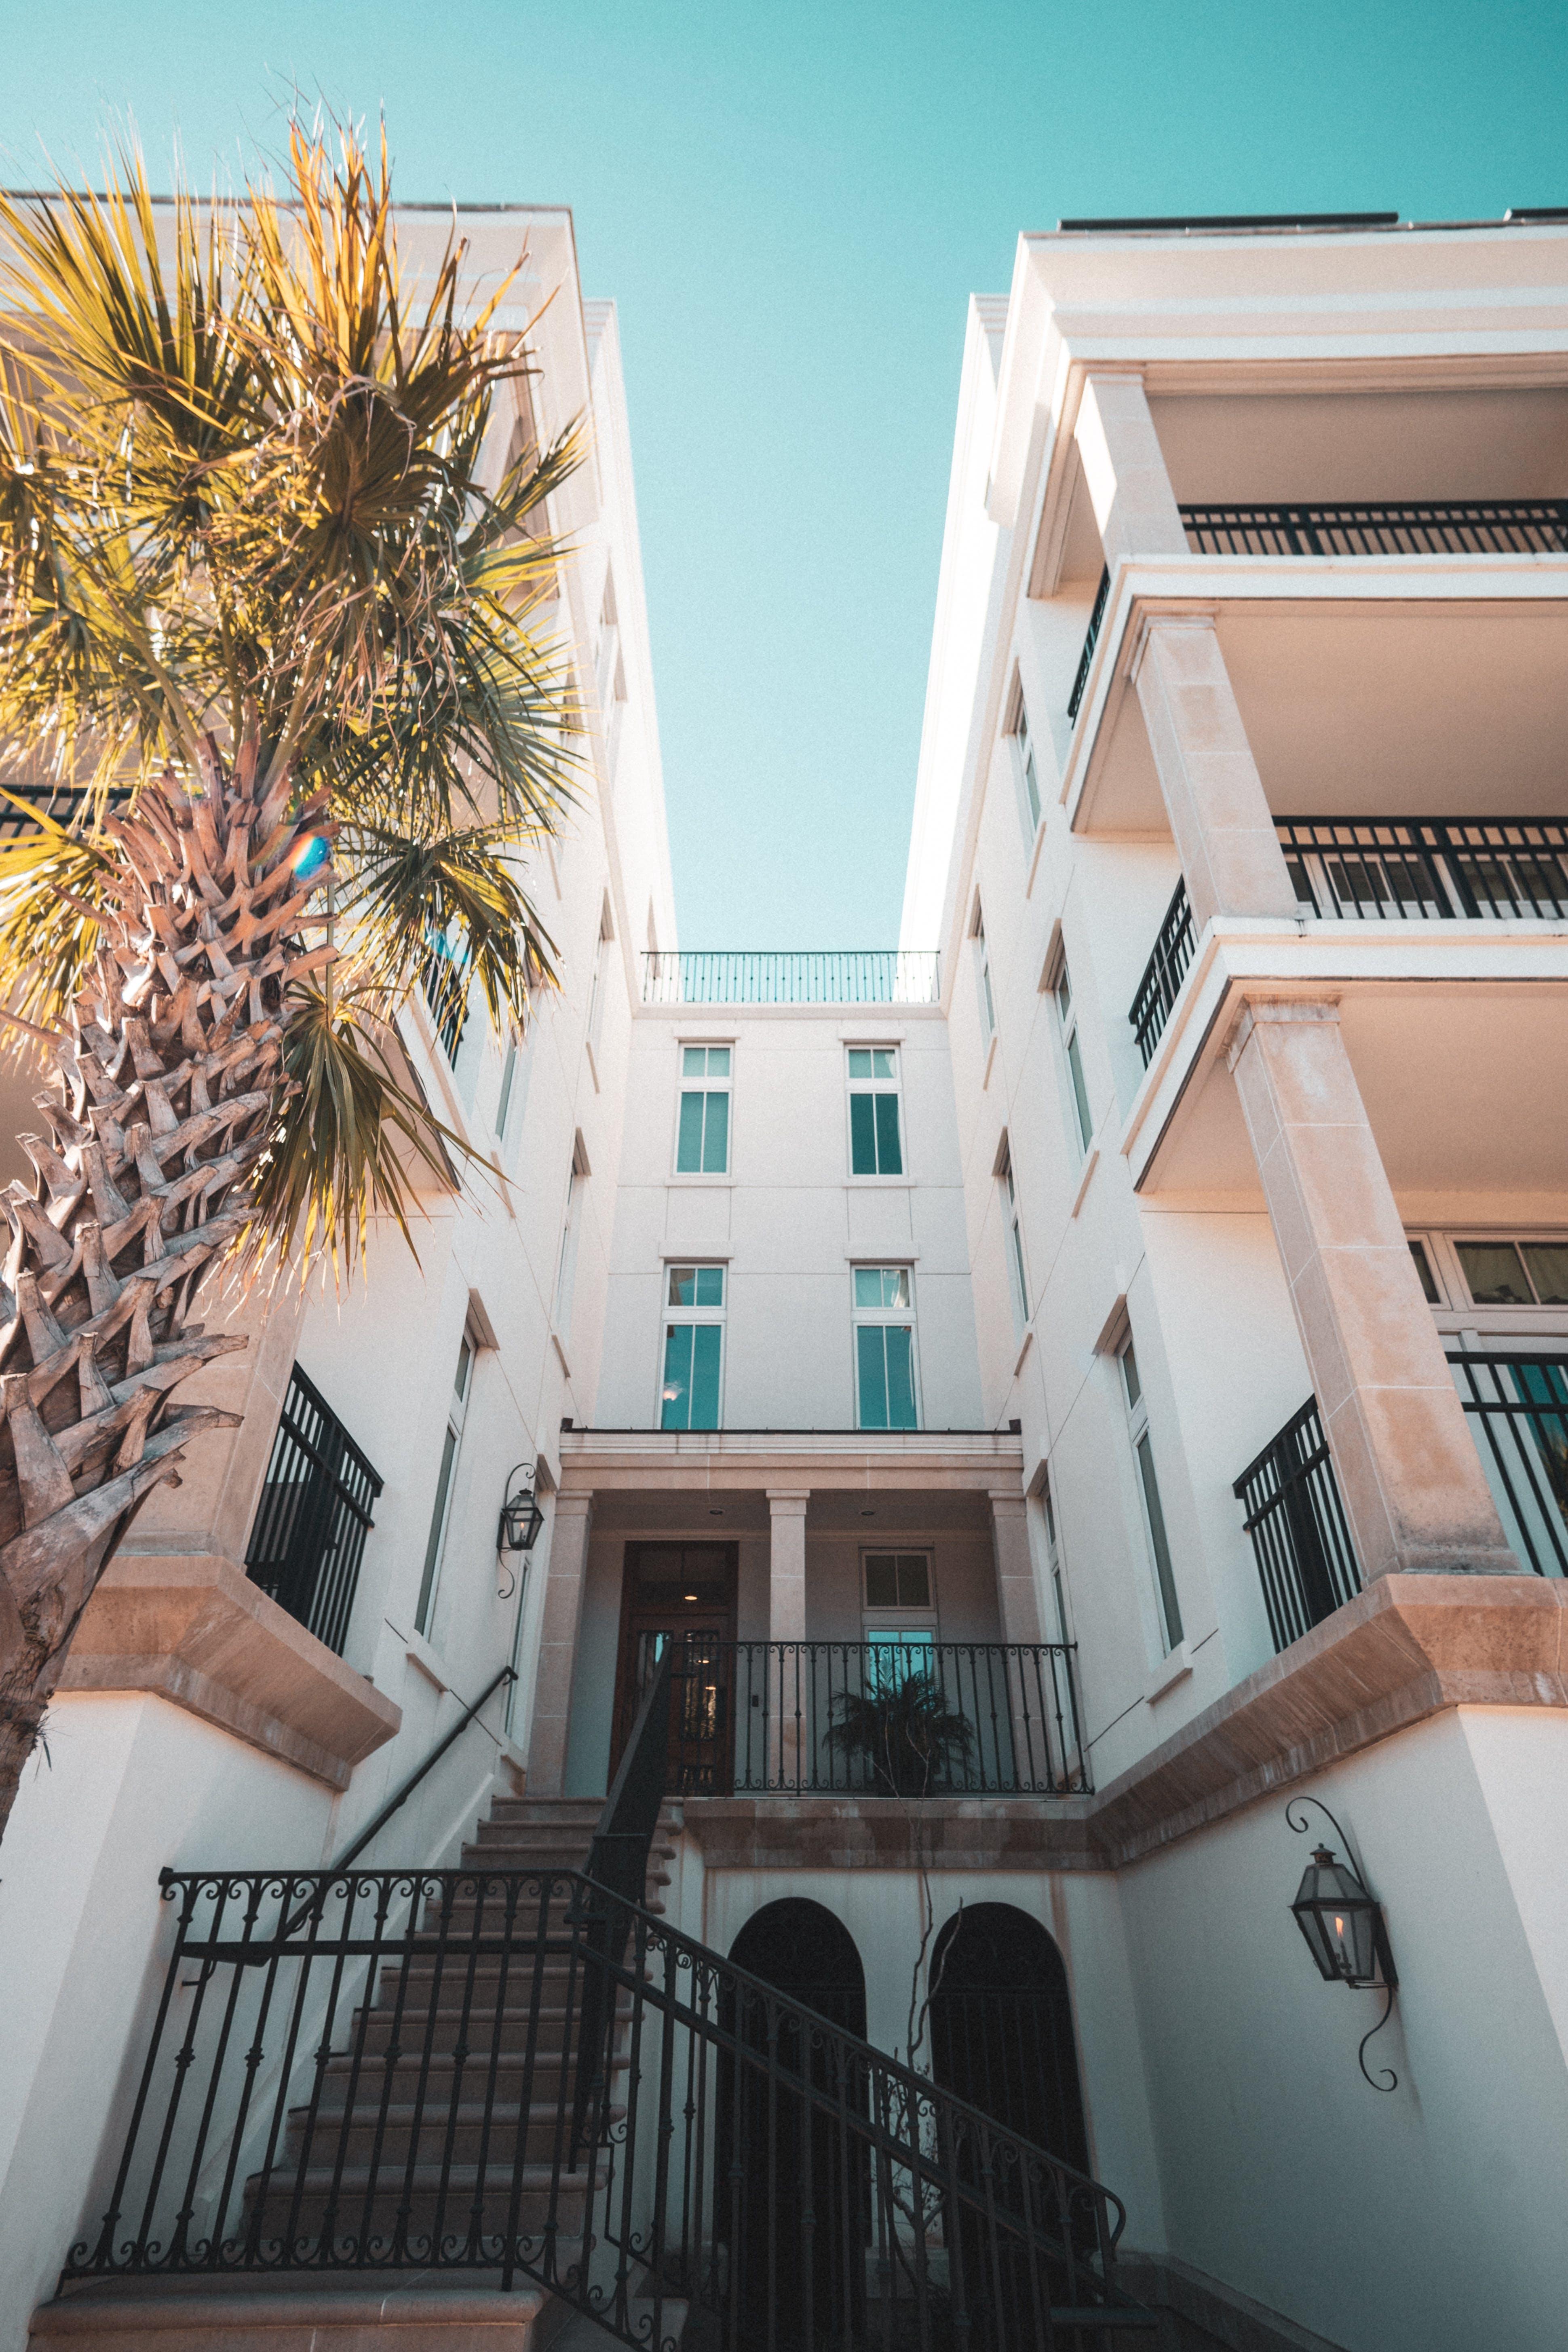 Kostenloses Stock Foto zu architektur, architekturdesign, balkone, business